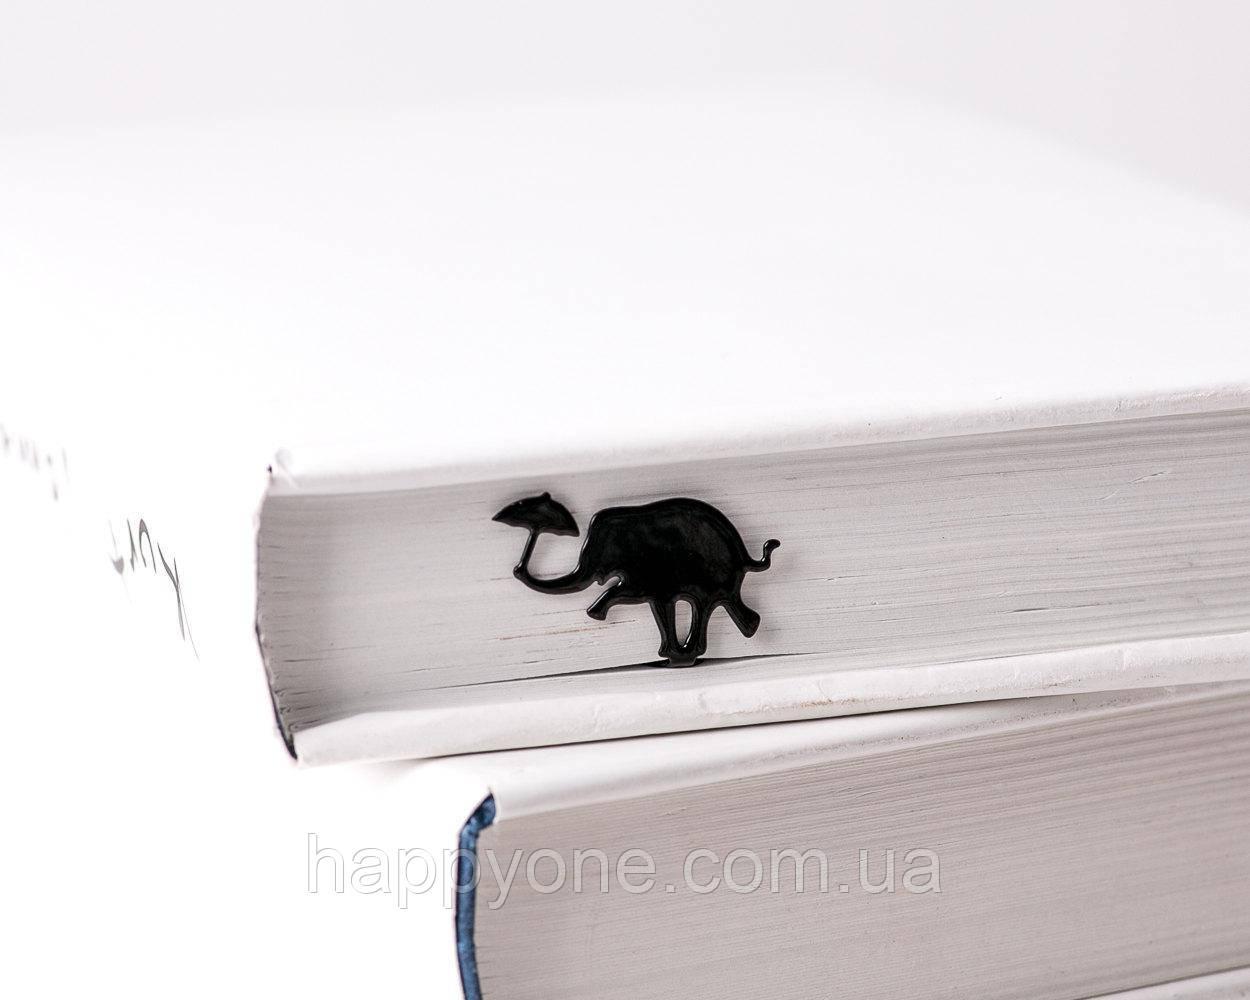 Закладка для книг Слон с зонтом